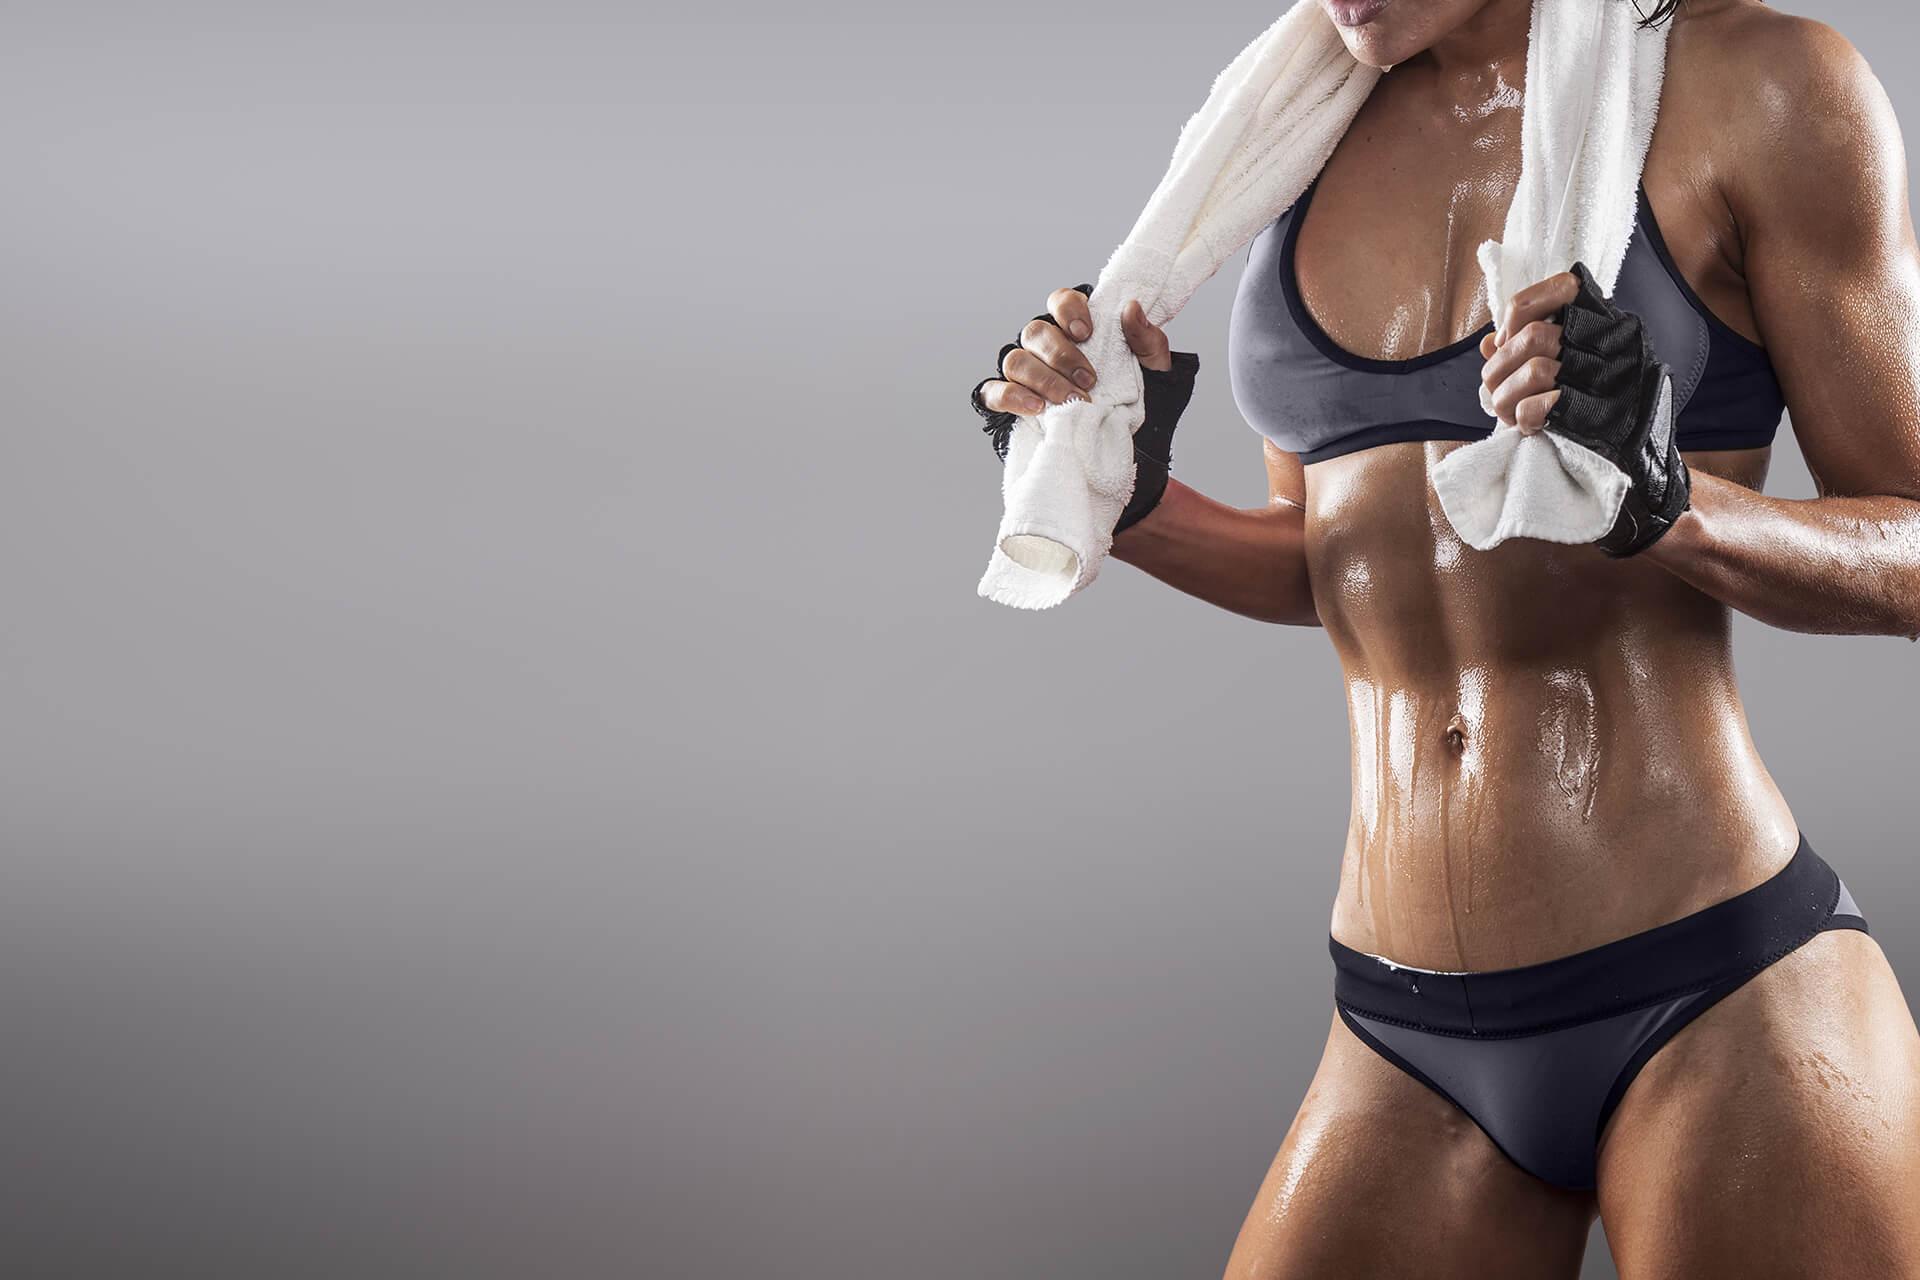 Nachbrenneffekt: Steigere Deine Stoffwechselaktivität | Muskelmacher-Shop